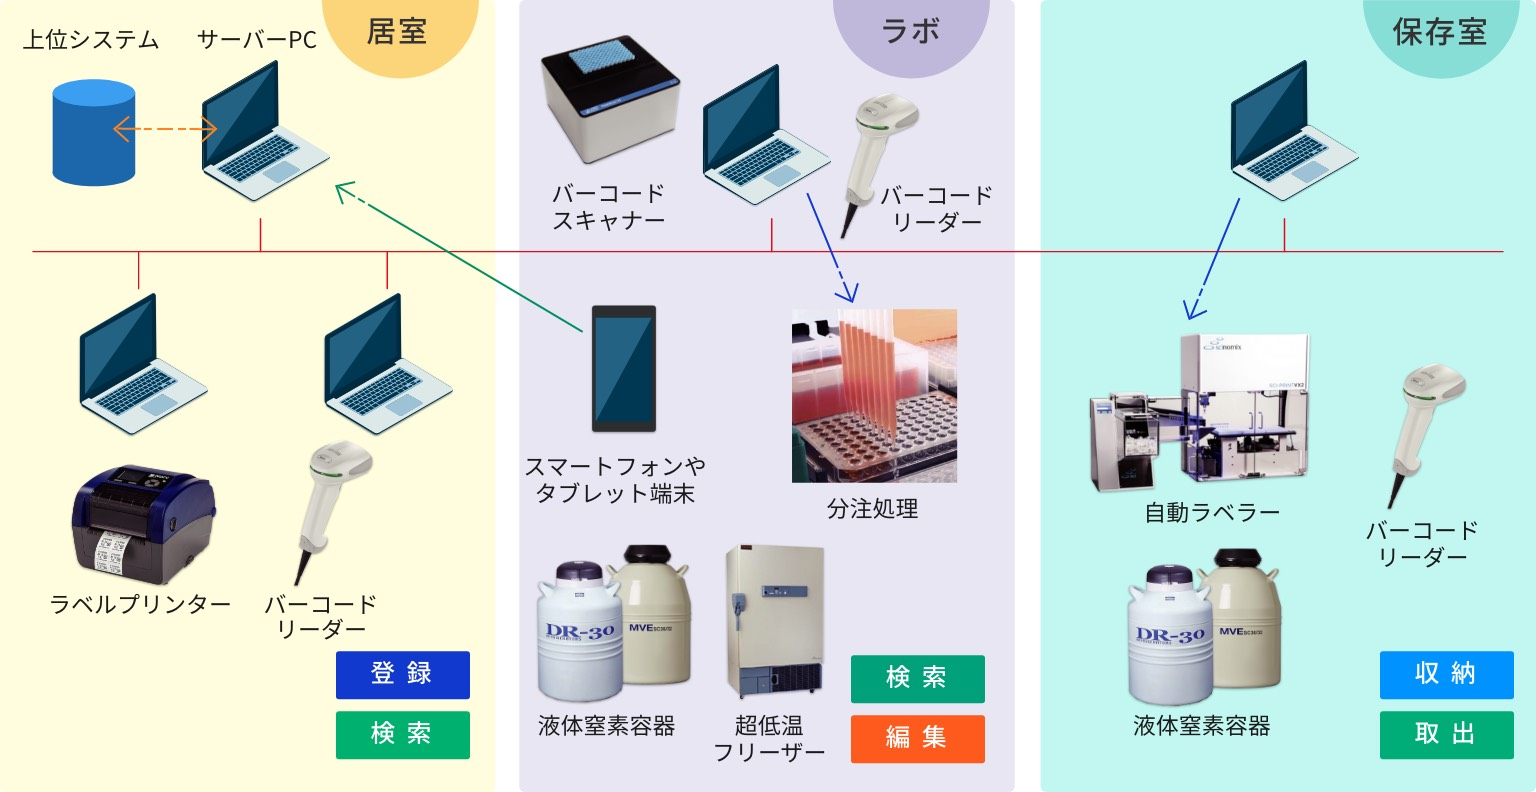 居室、ラボ、保存室と3つのグループに分かれているシステム構成図